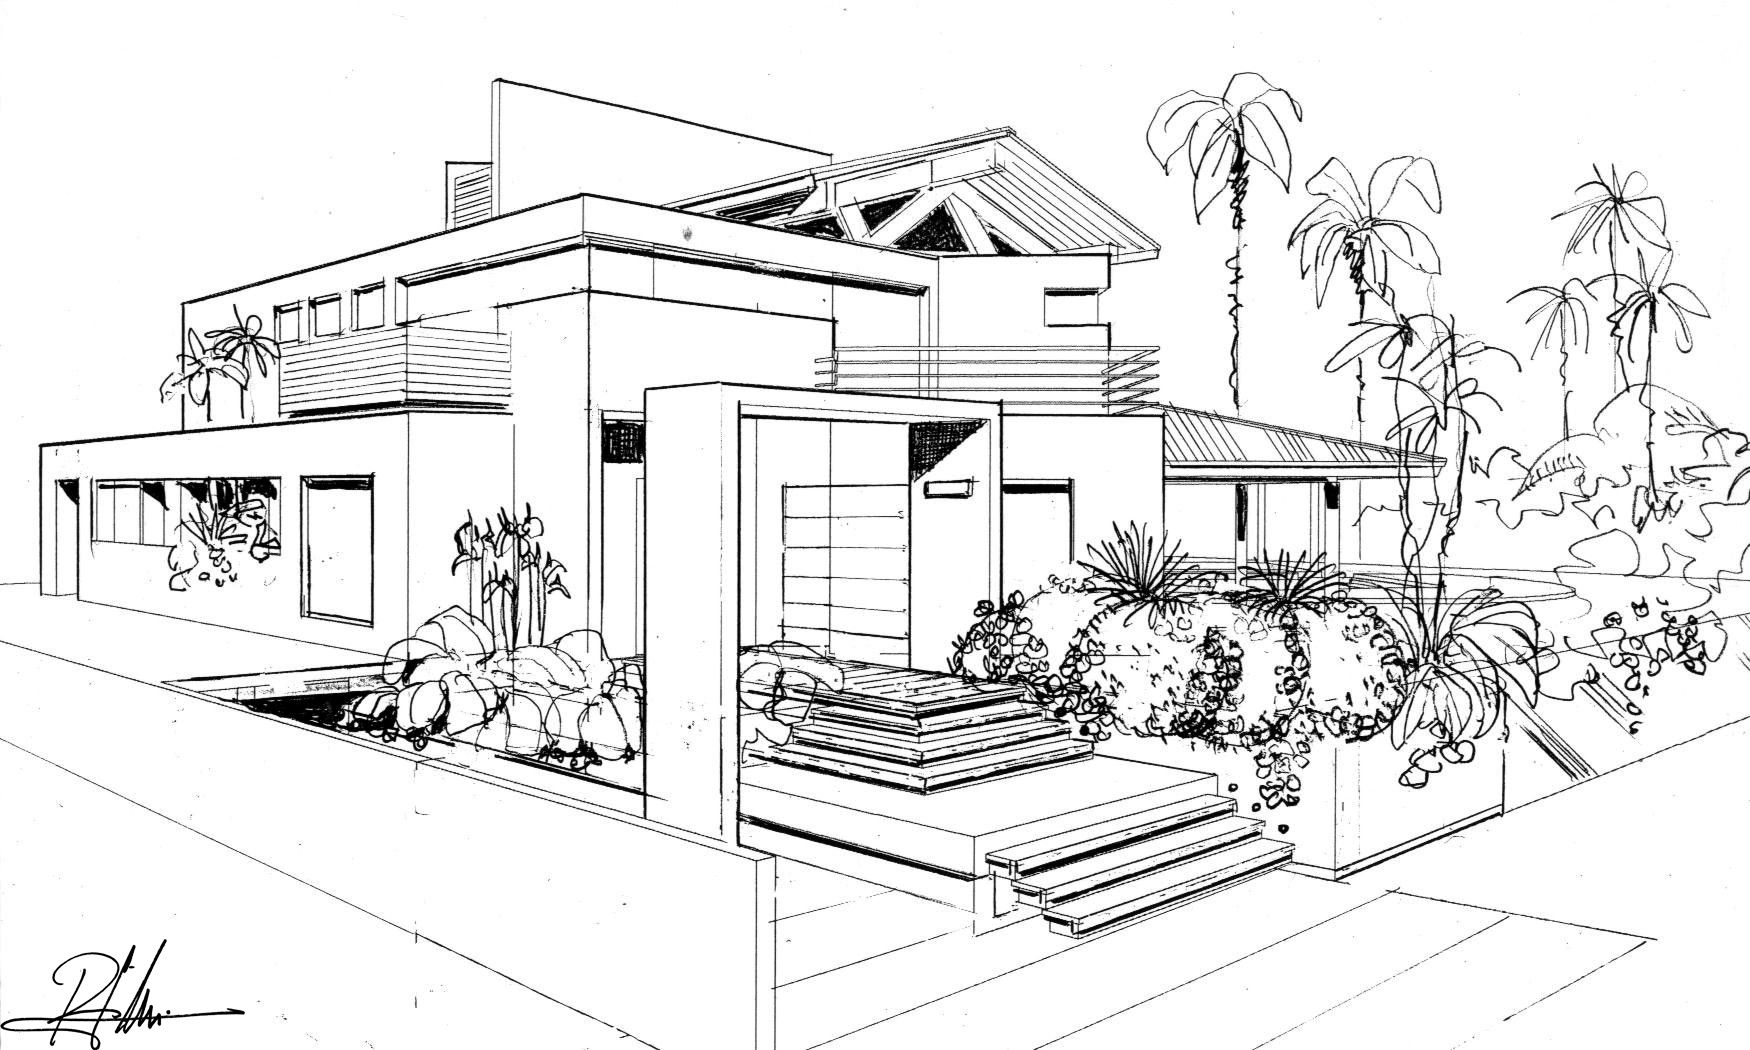 Mos Mol Croqui 01 Jpg 1750 1050 Desenhos De Arquitetura Desenho De Arquitetura Esbocos Arquitetonicos